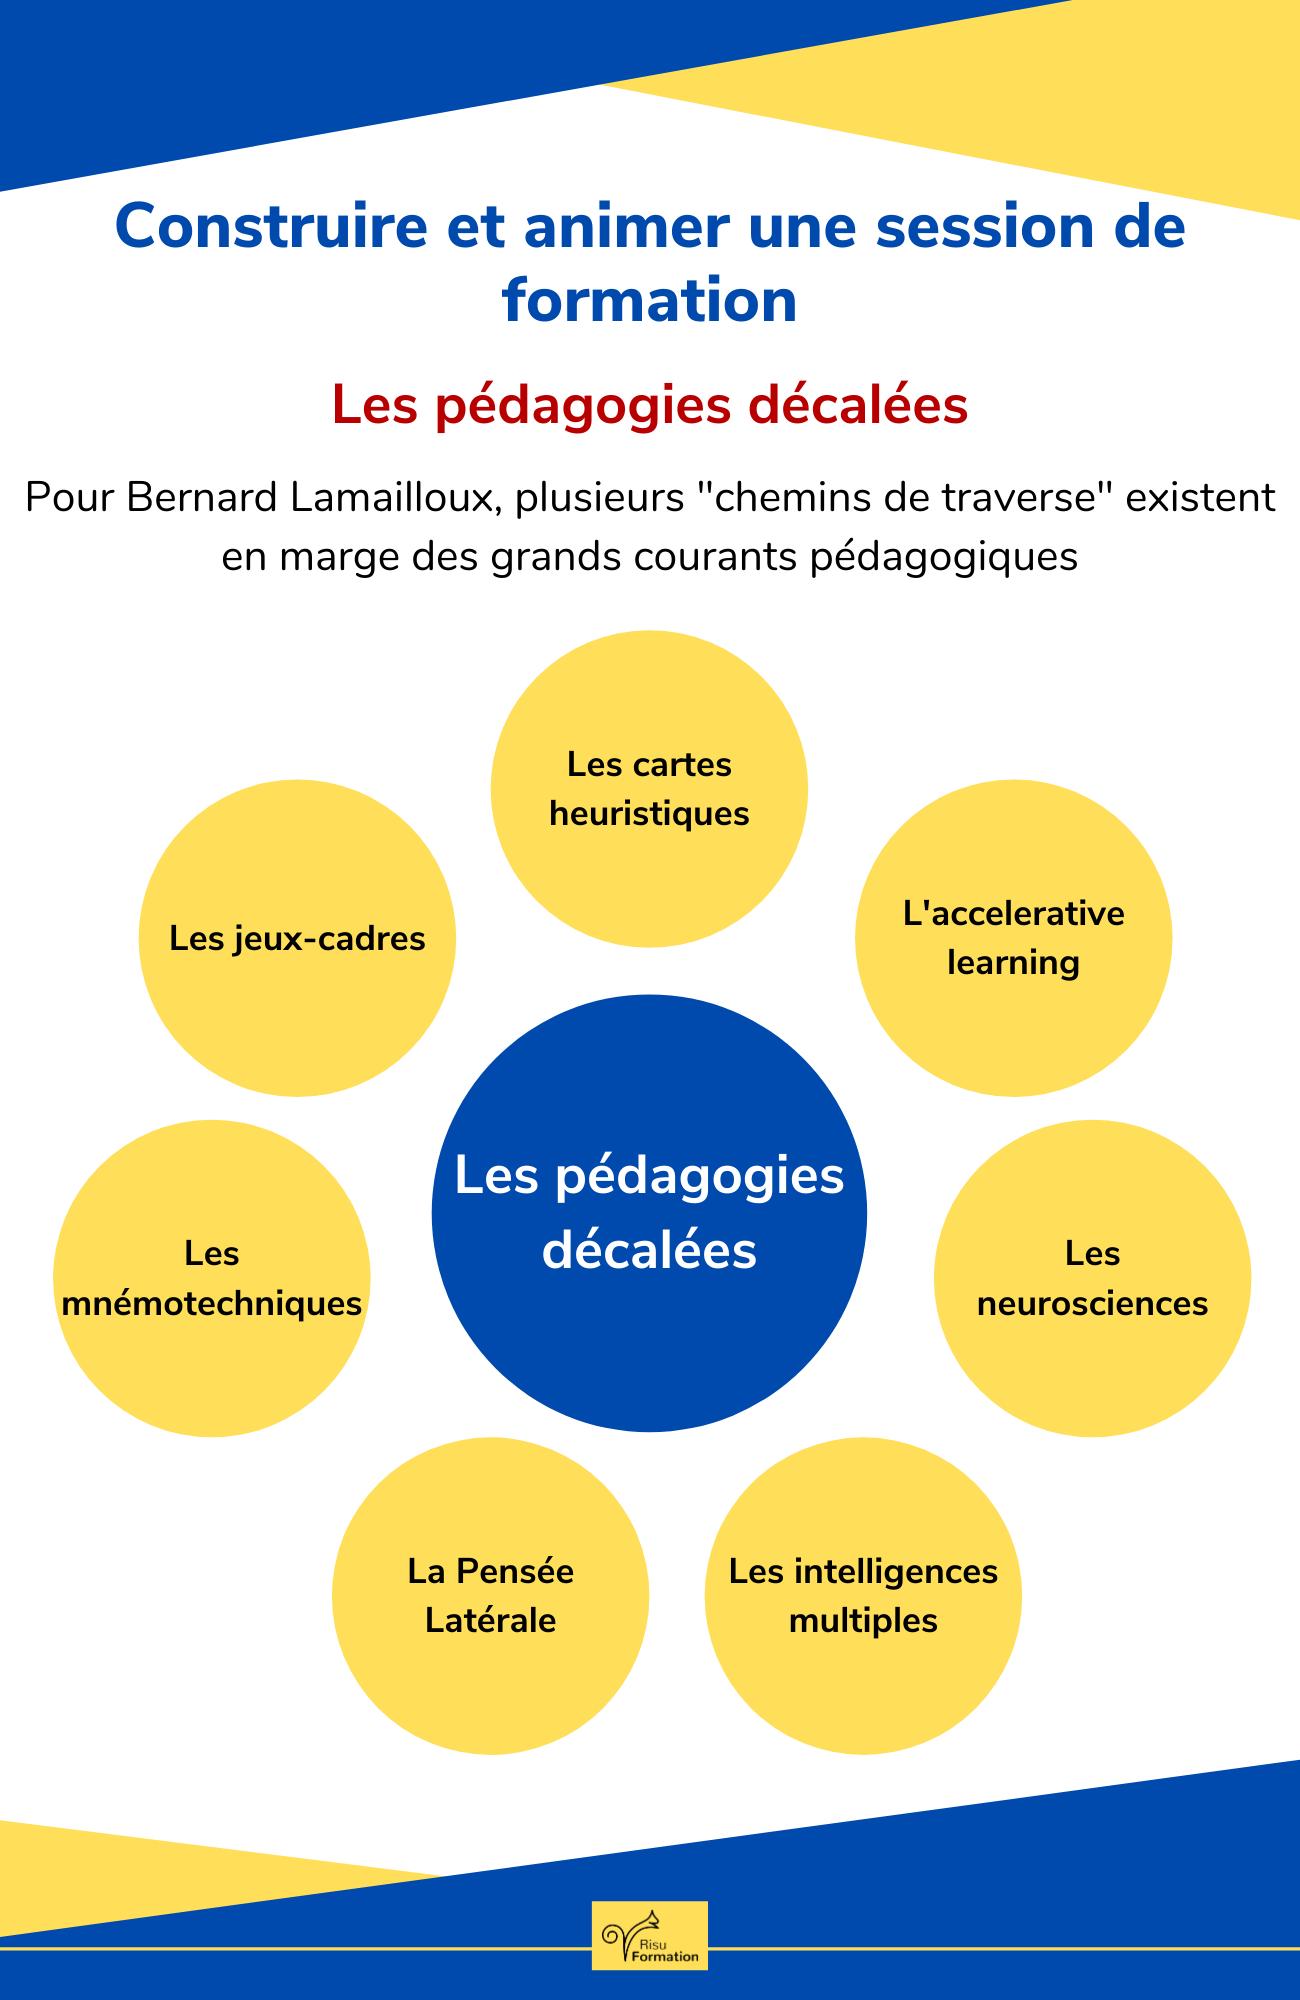 Infographie de la semaine : les pédagogie décalées